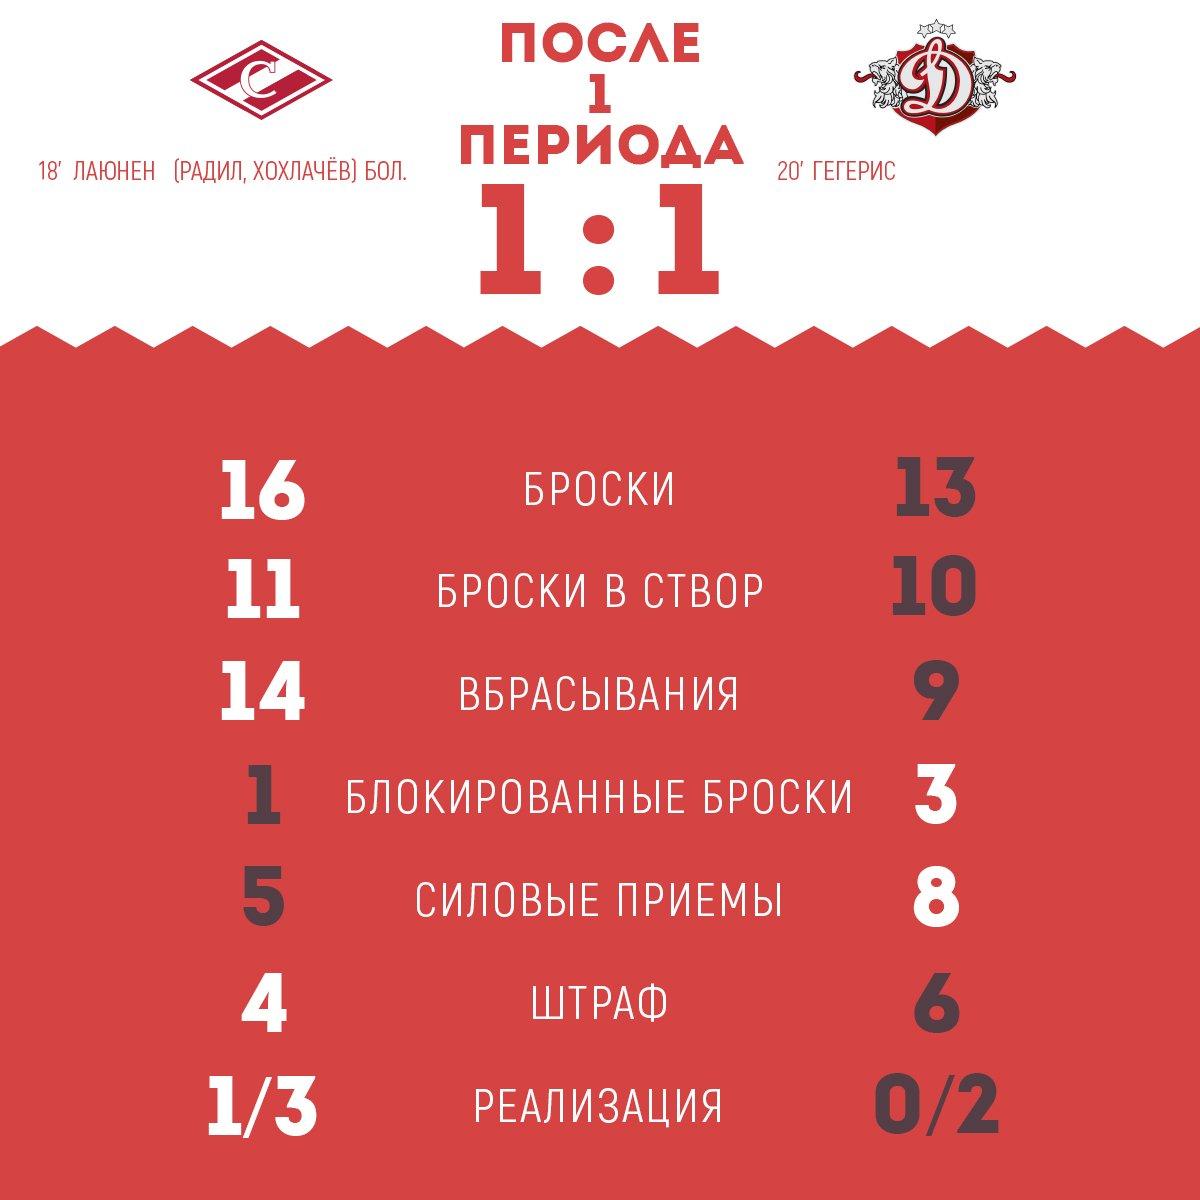 Статистика матча «Спартак» vs «Динамо» (Рига) после 1-го периода